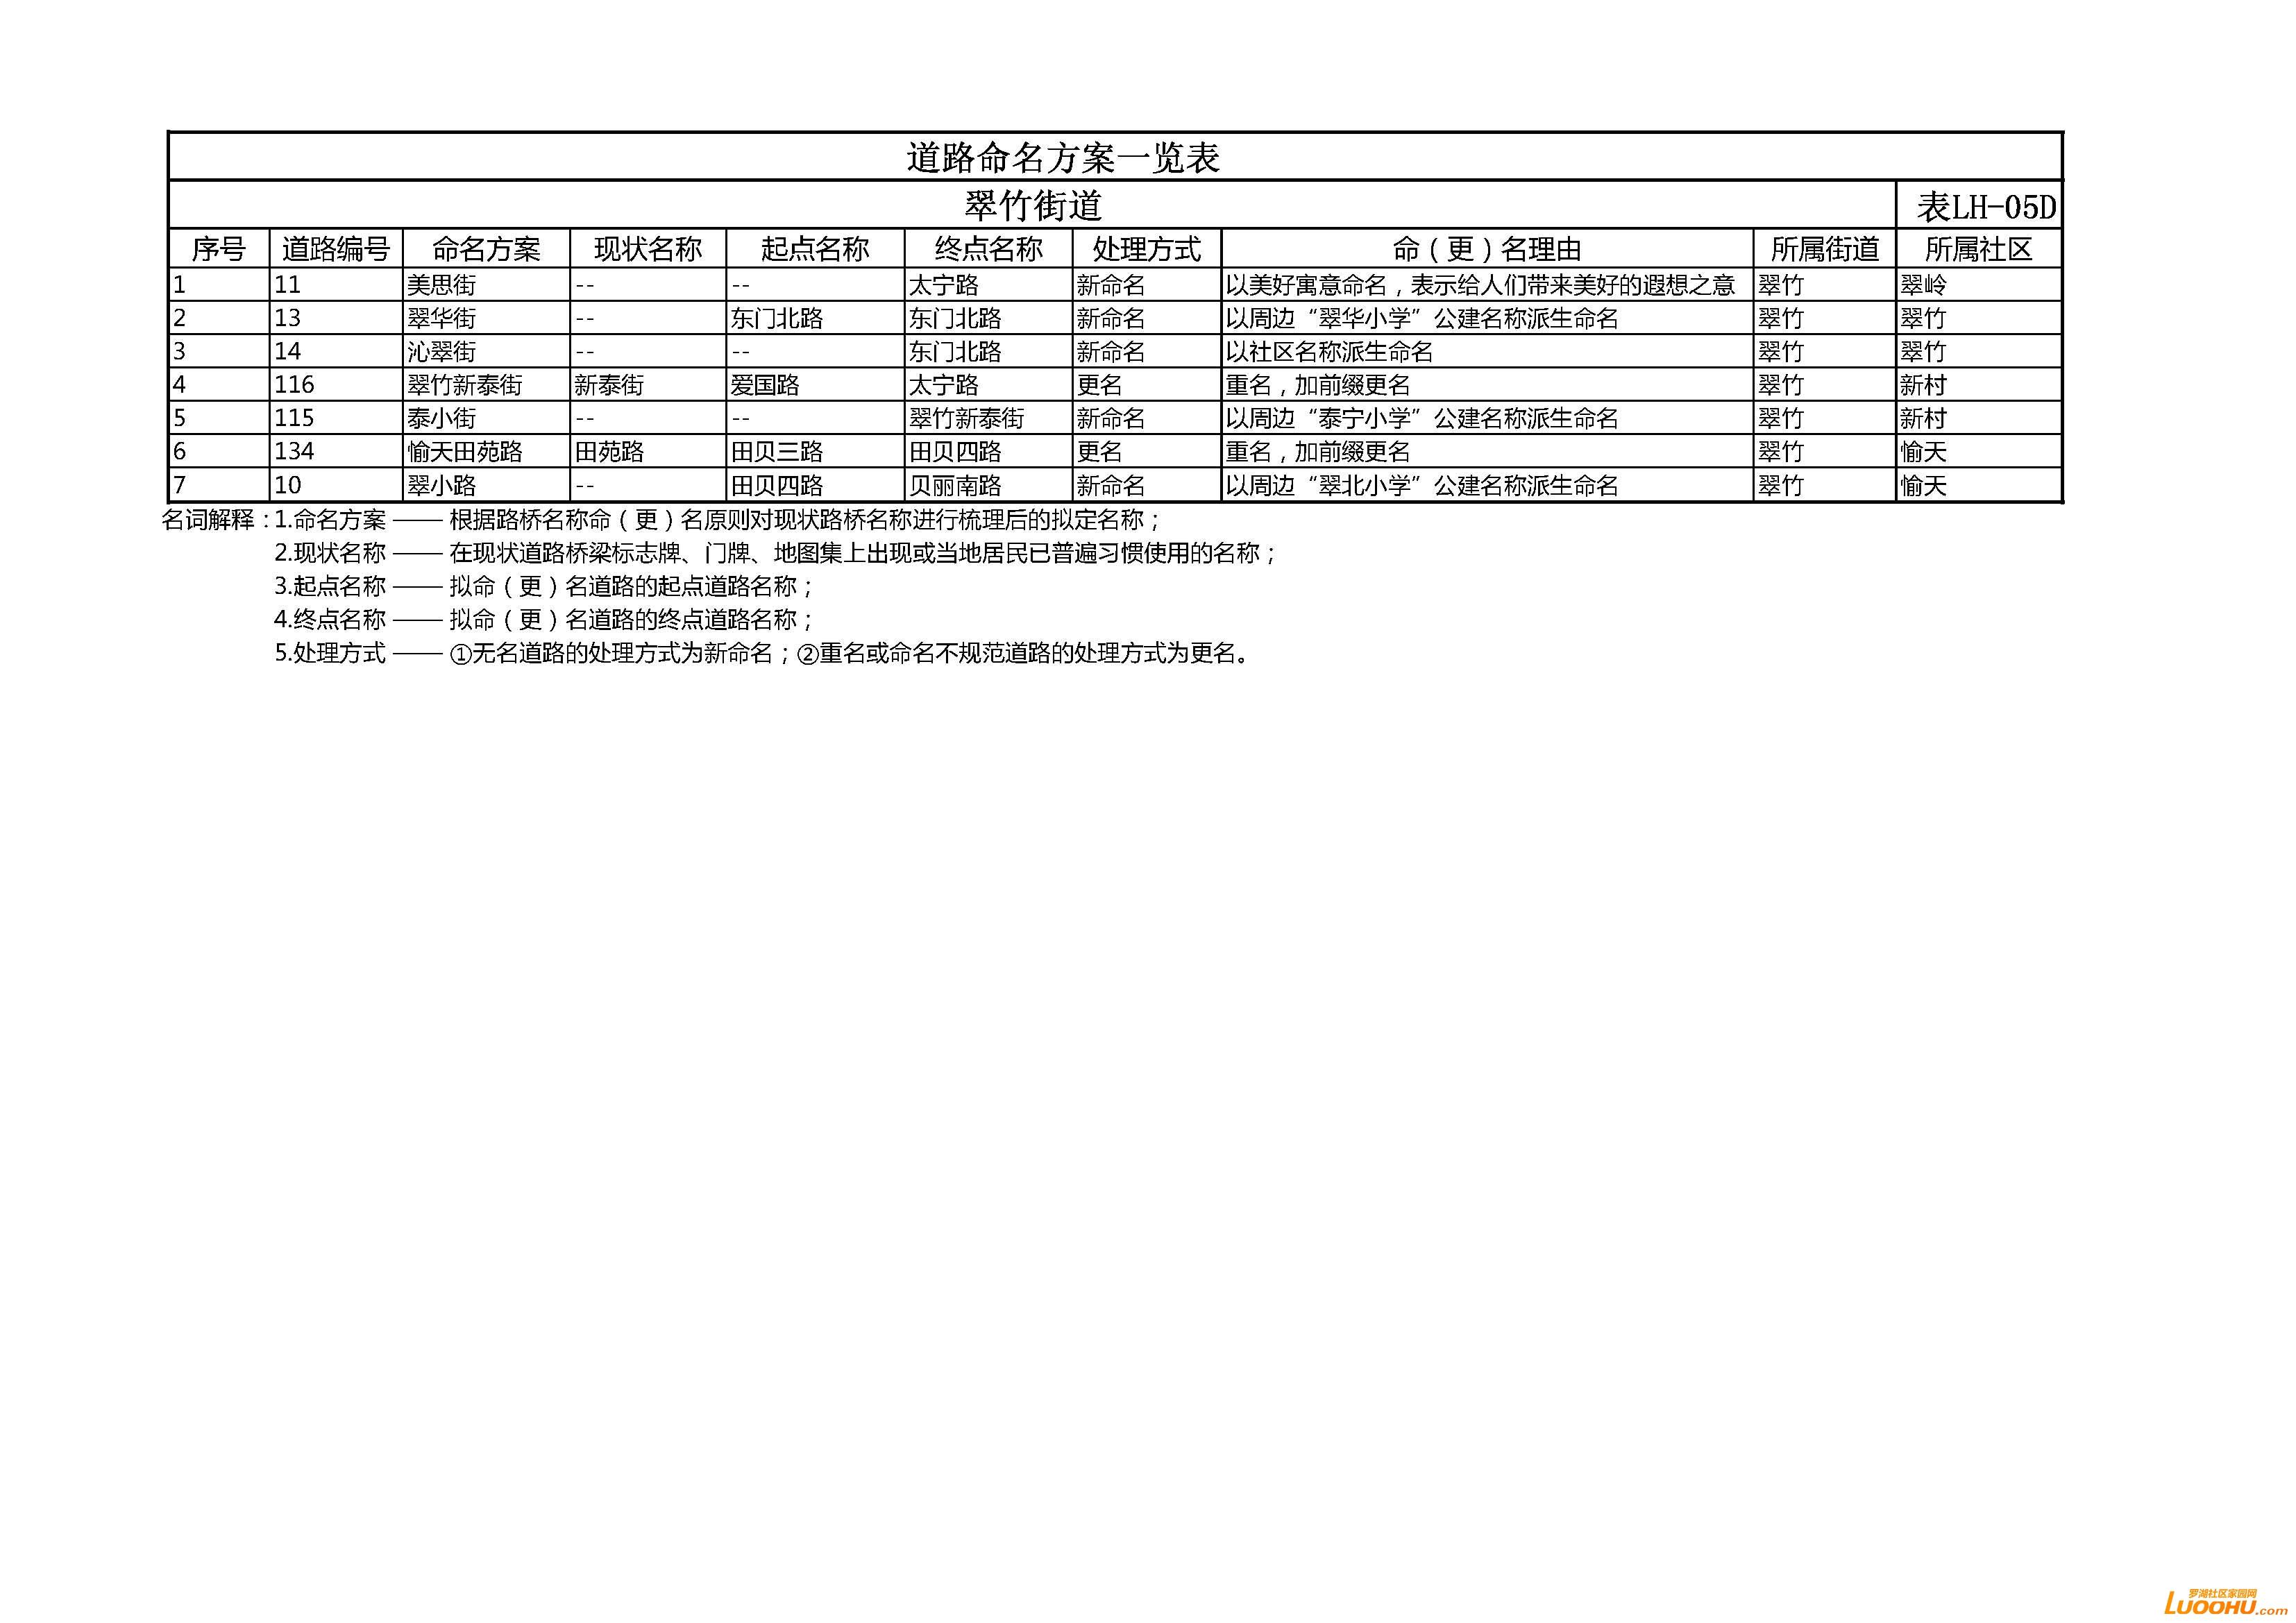 表LH-05D.jpg